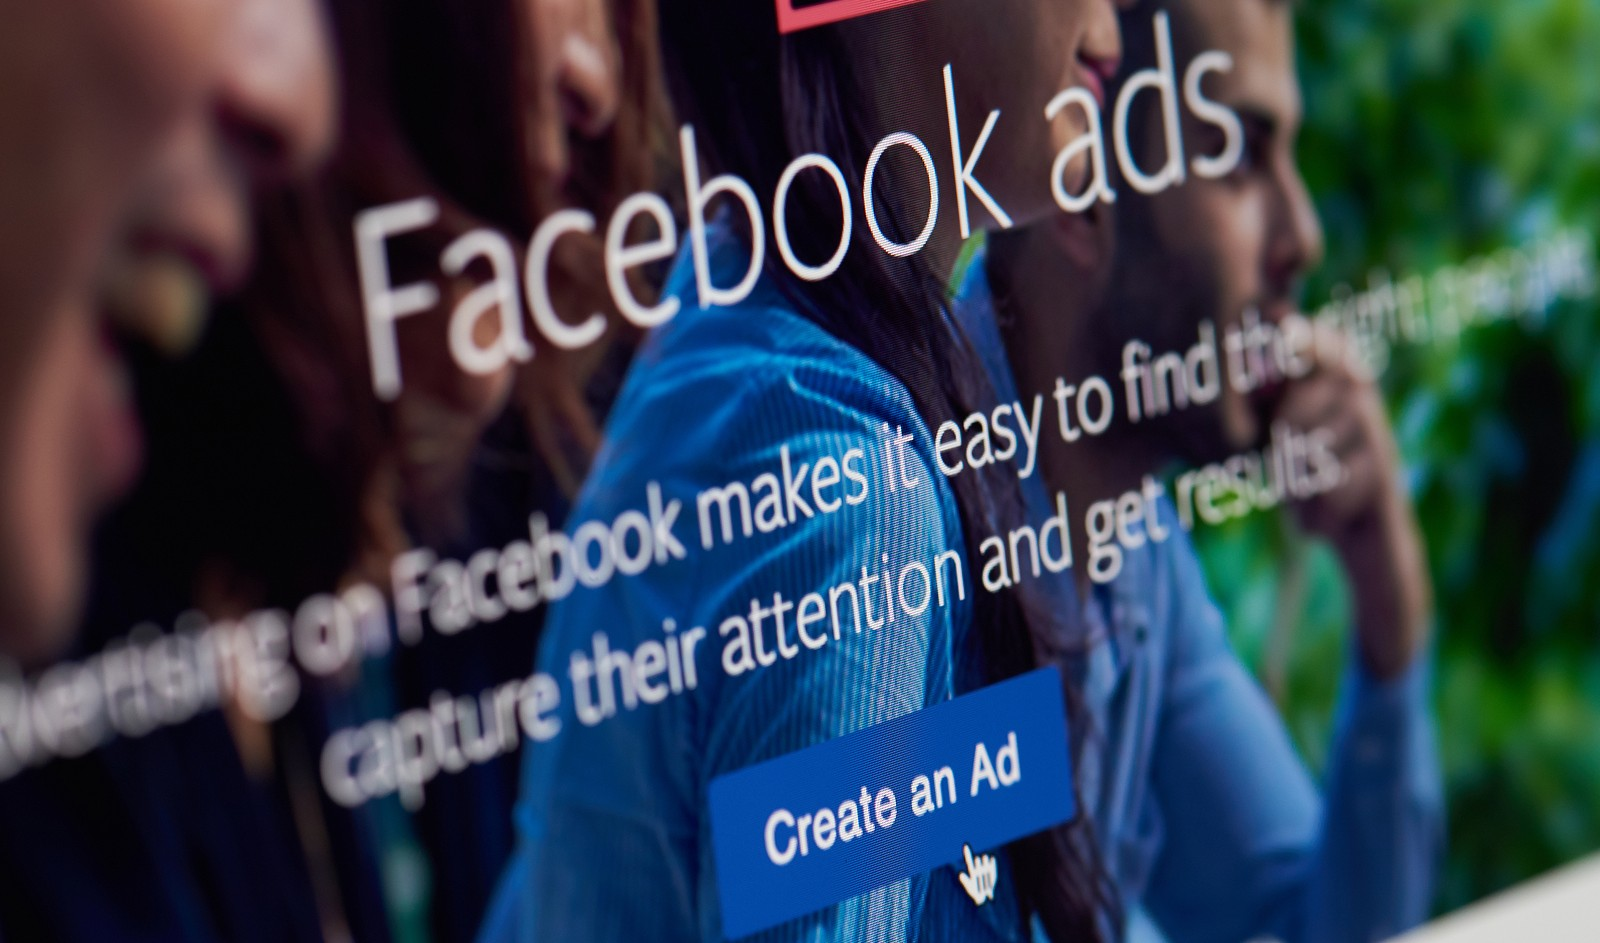 Using social media advertising